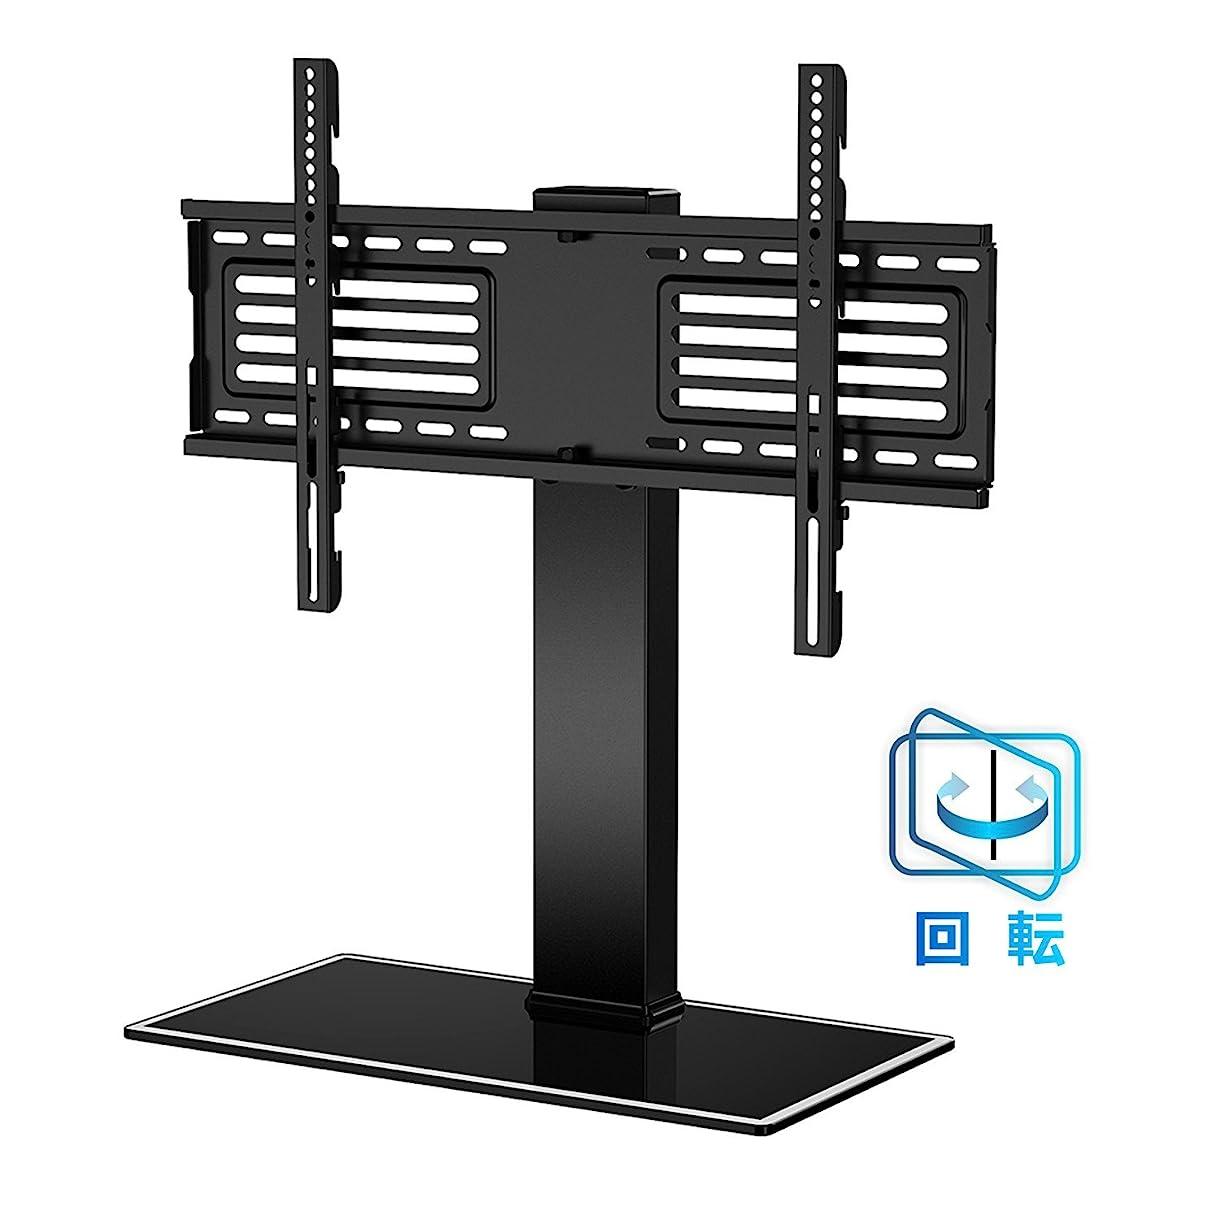 パブ犬博物館FITUEYES テレビスタンド テレビスタンド壁寄せ 汎用 机上ラック 32~65インチ対応 大荷重 高さ調節可能 回転可能 TT105001GB